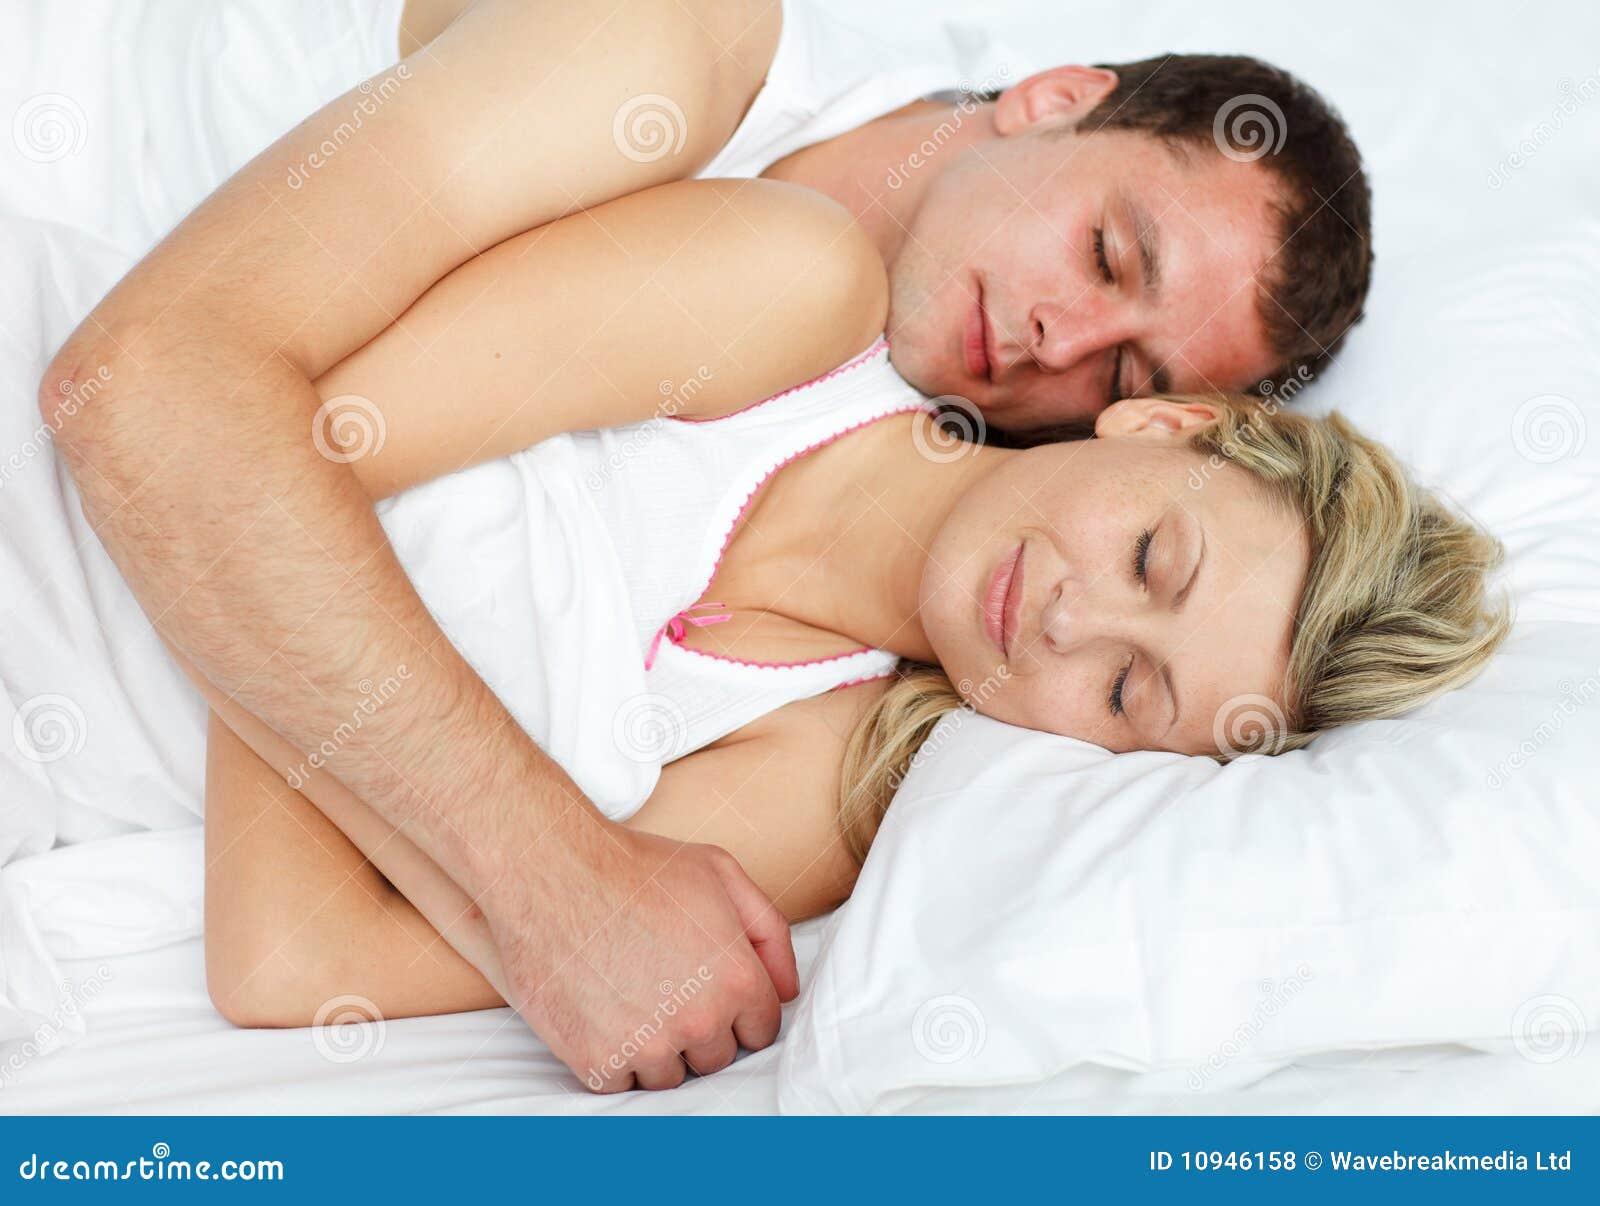 Фото девушка целует девушку в постель 15 фотография